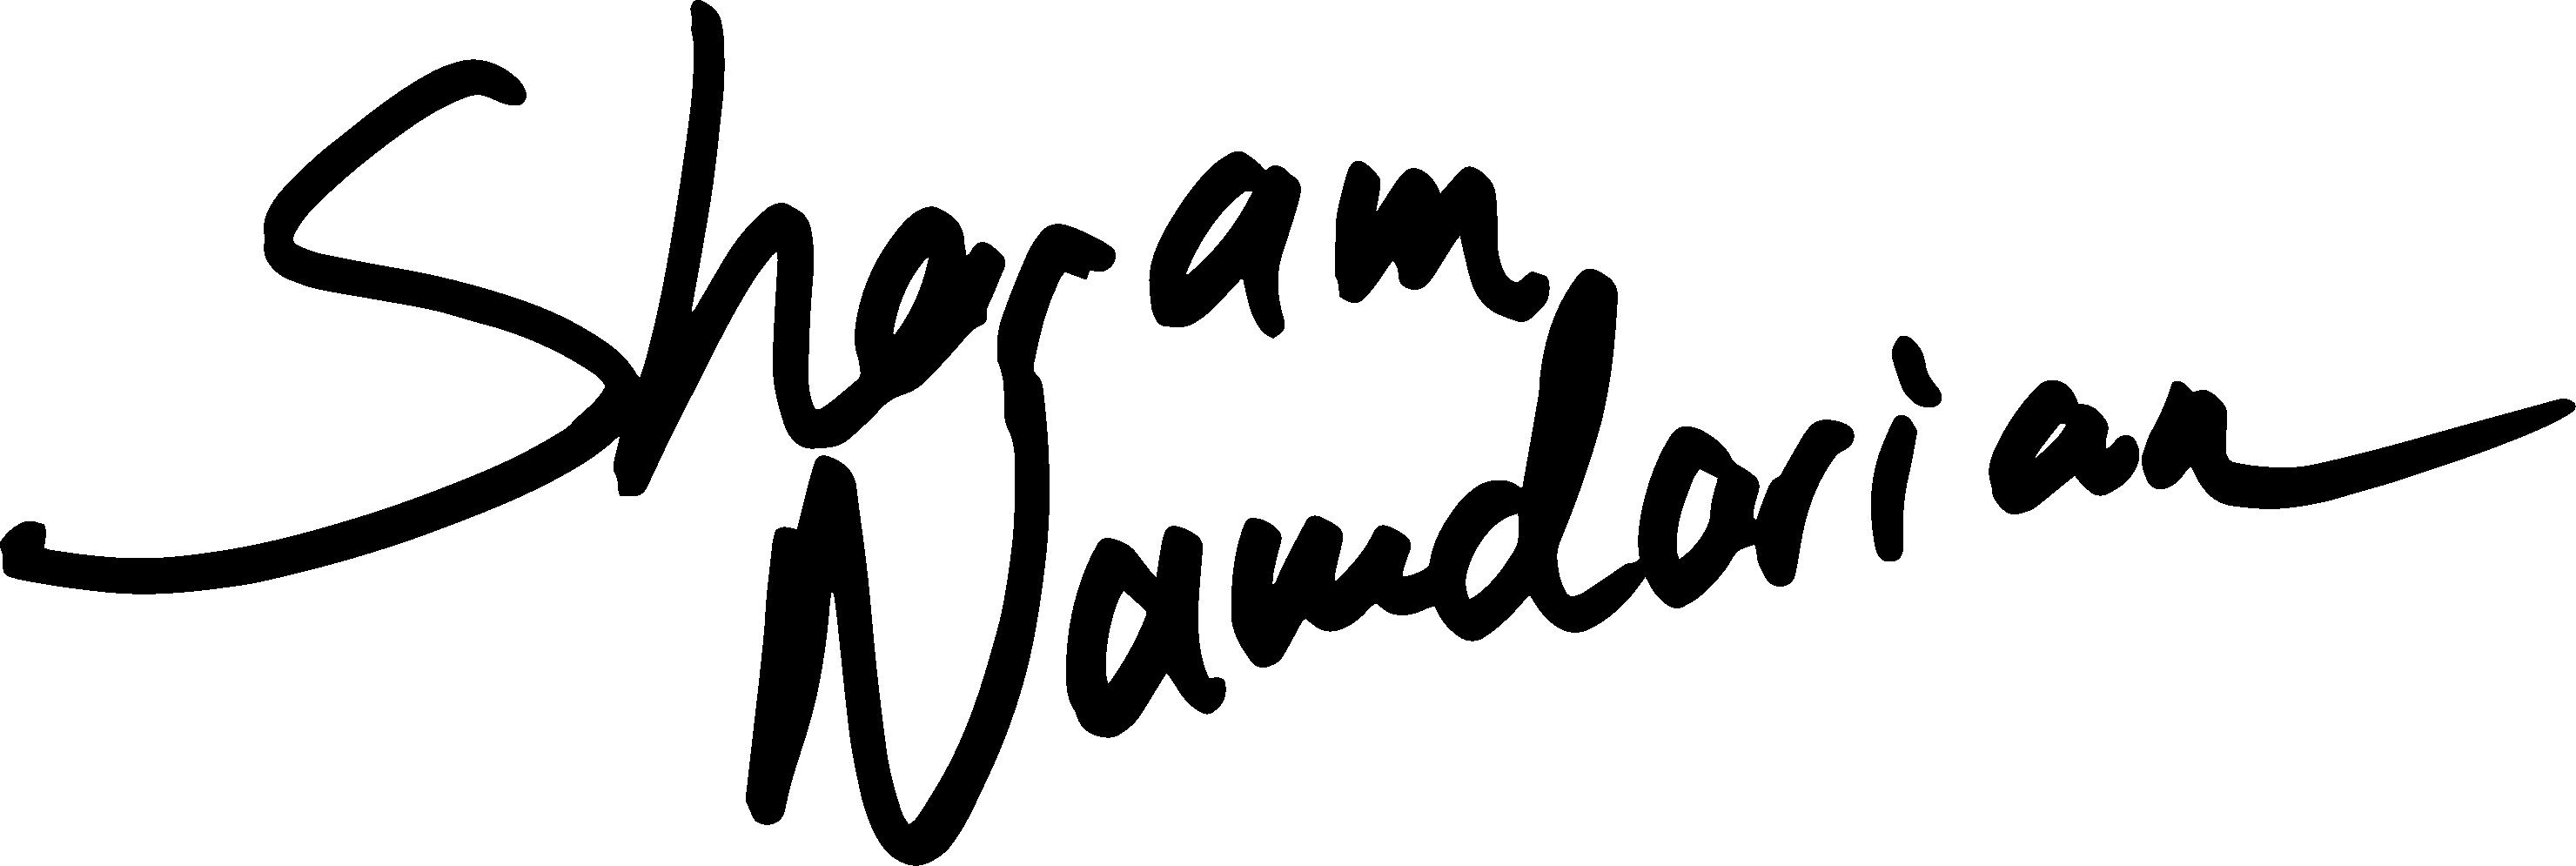 Sharam Namdarian Signature Logo